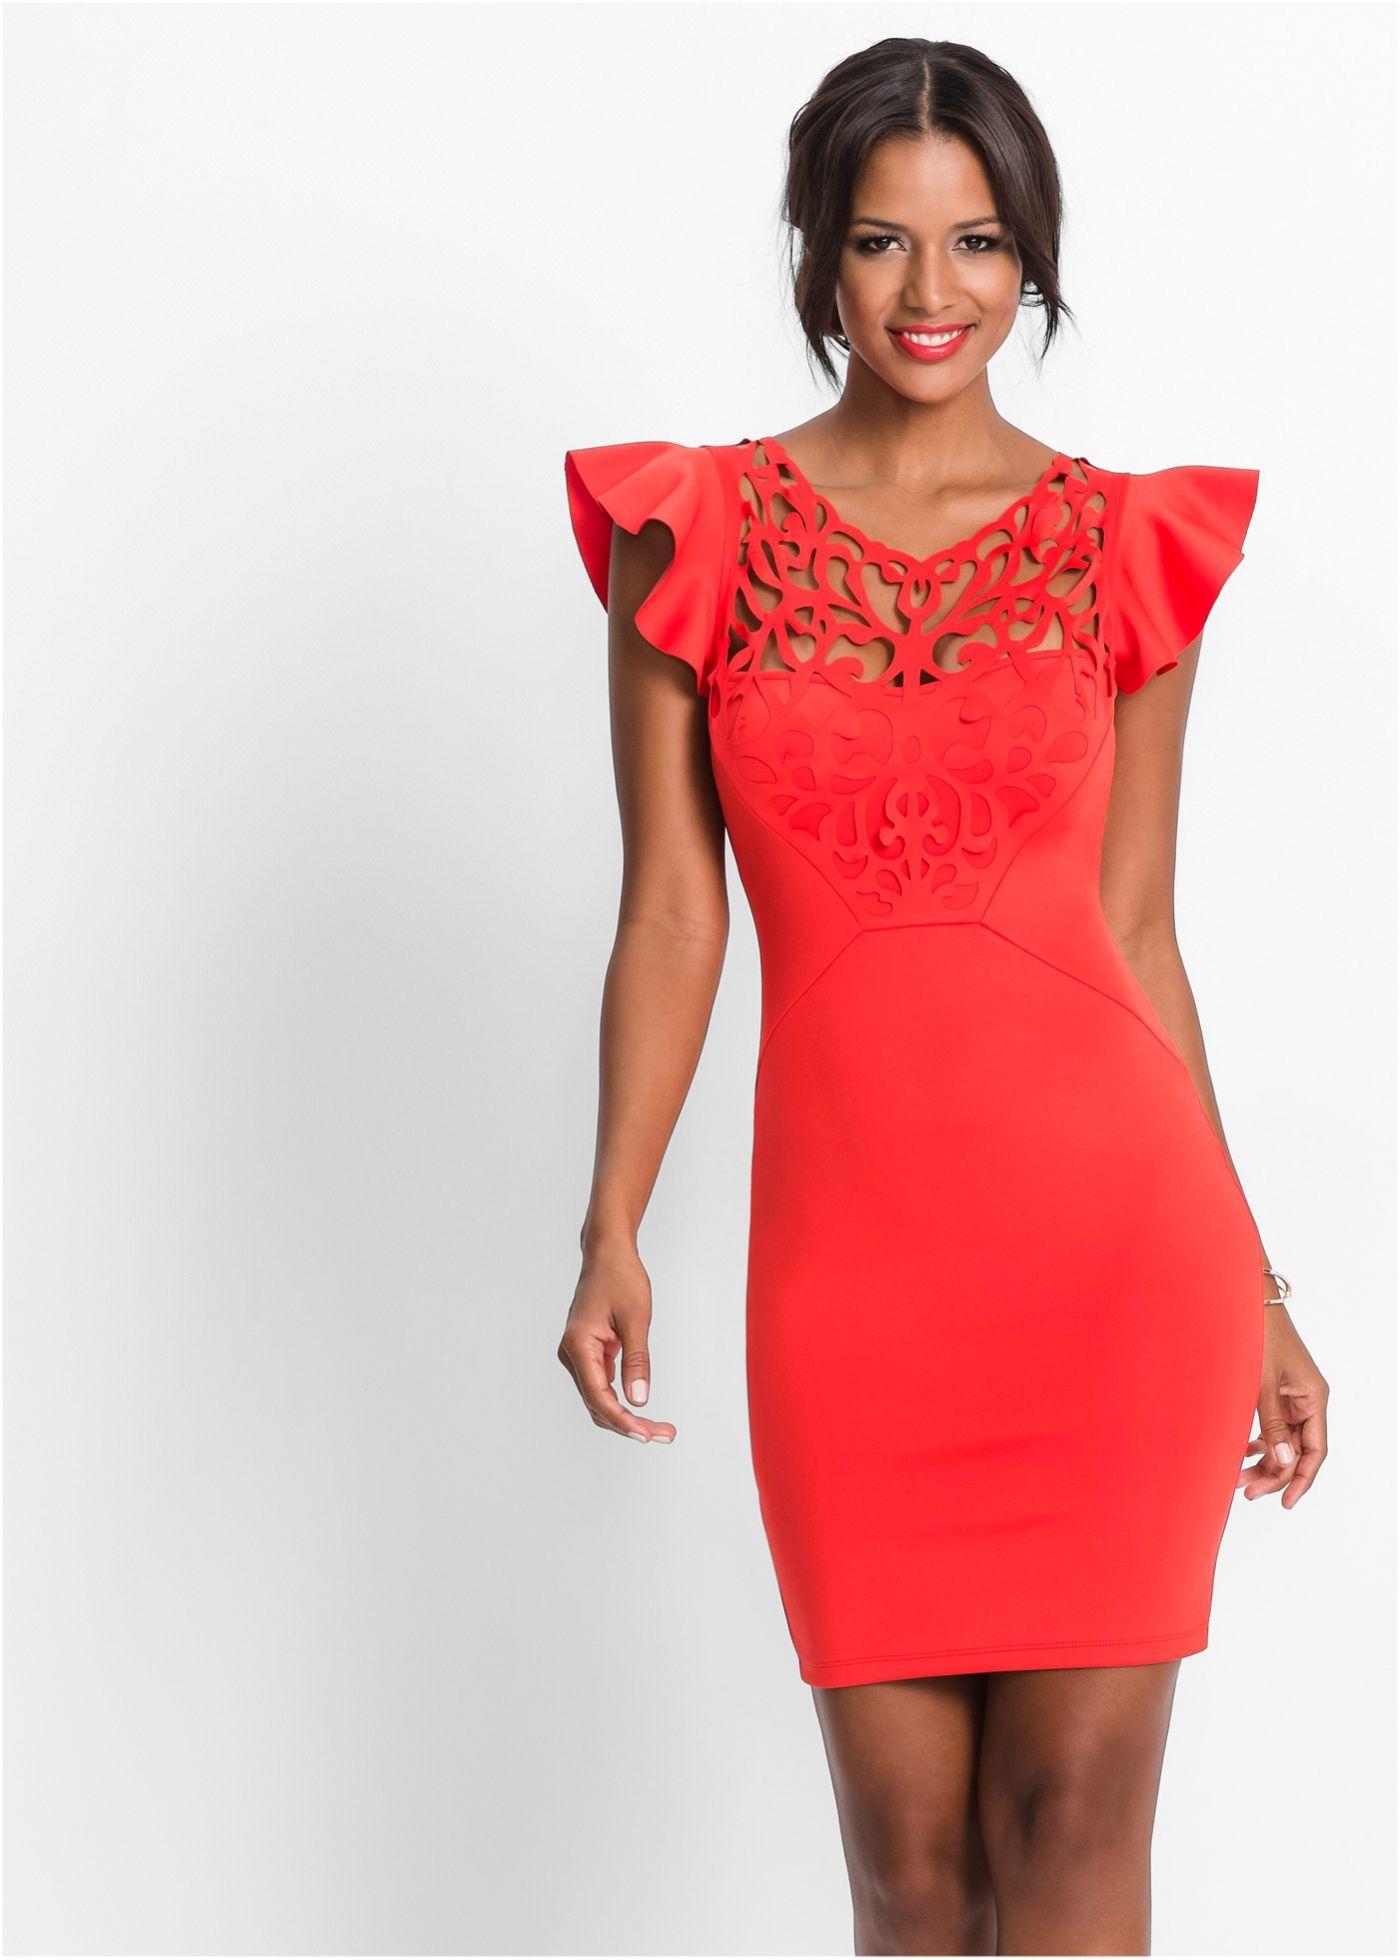 tendance mode: 101 des plus belles robes de soirée 2020 en